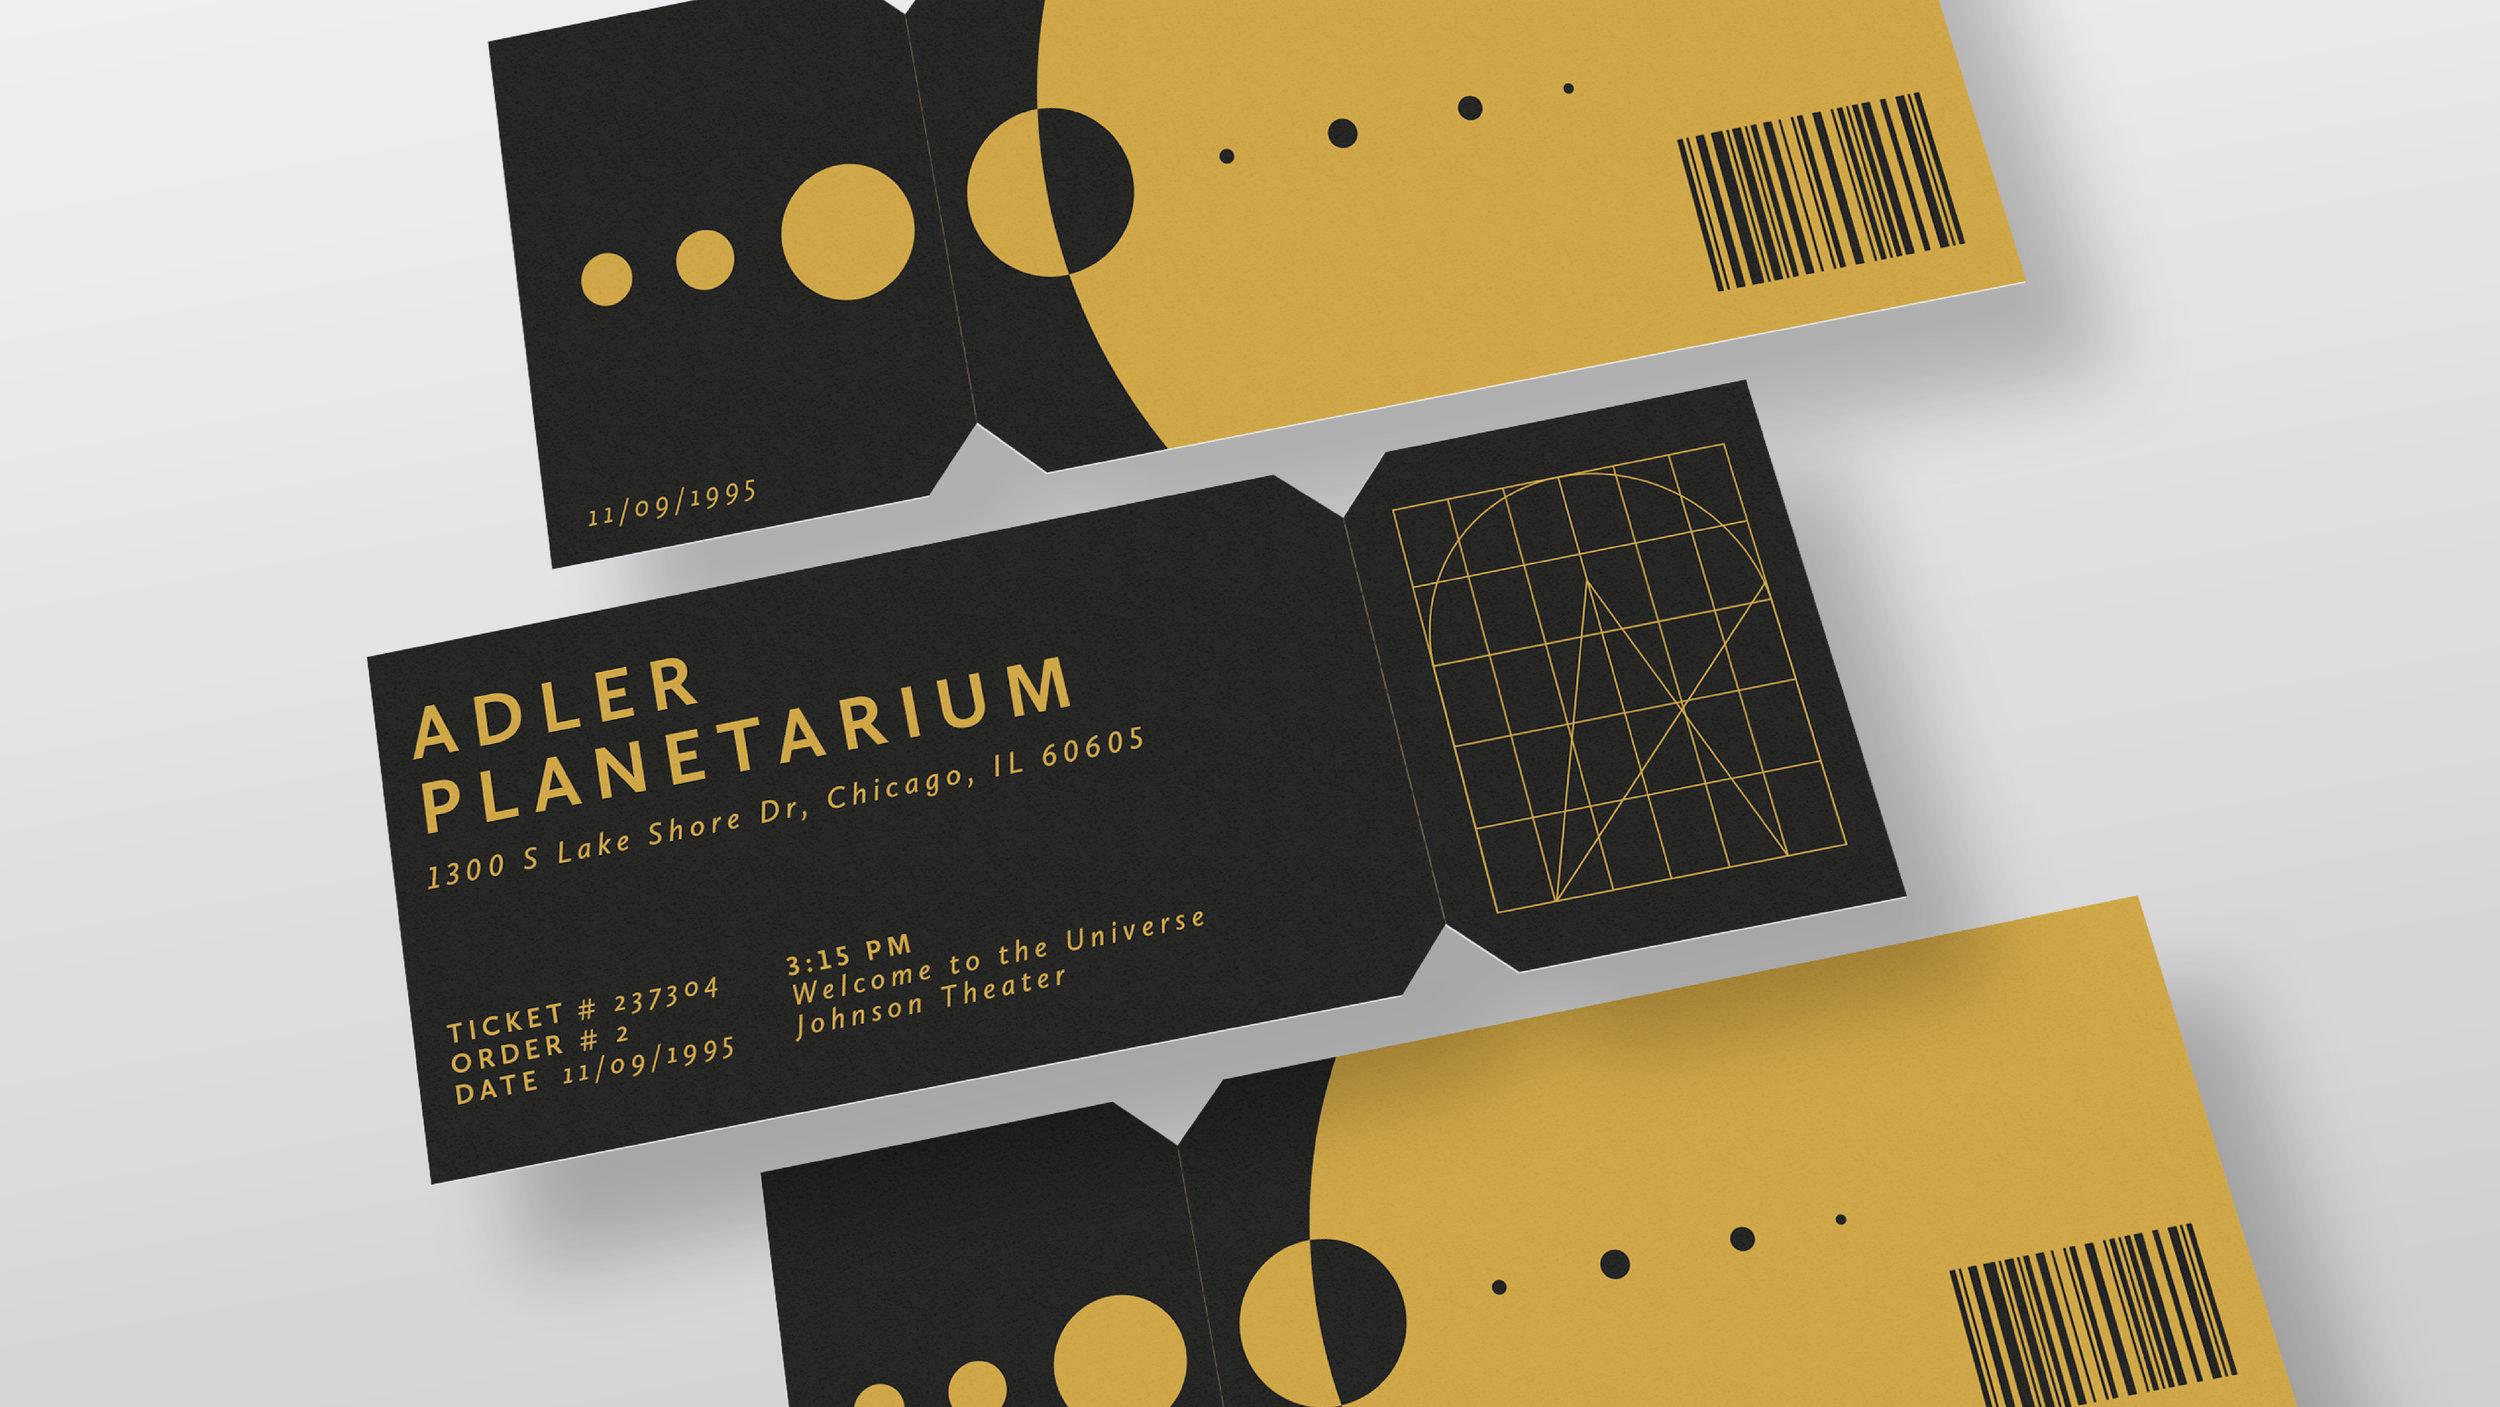 adler-planetarium-online-03.jpg